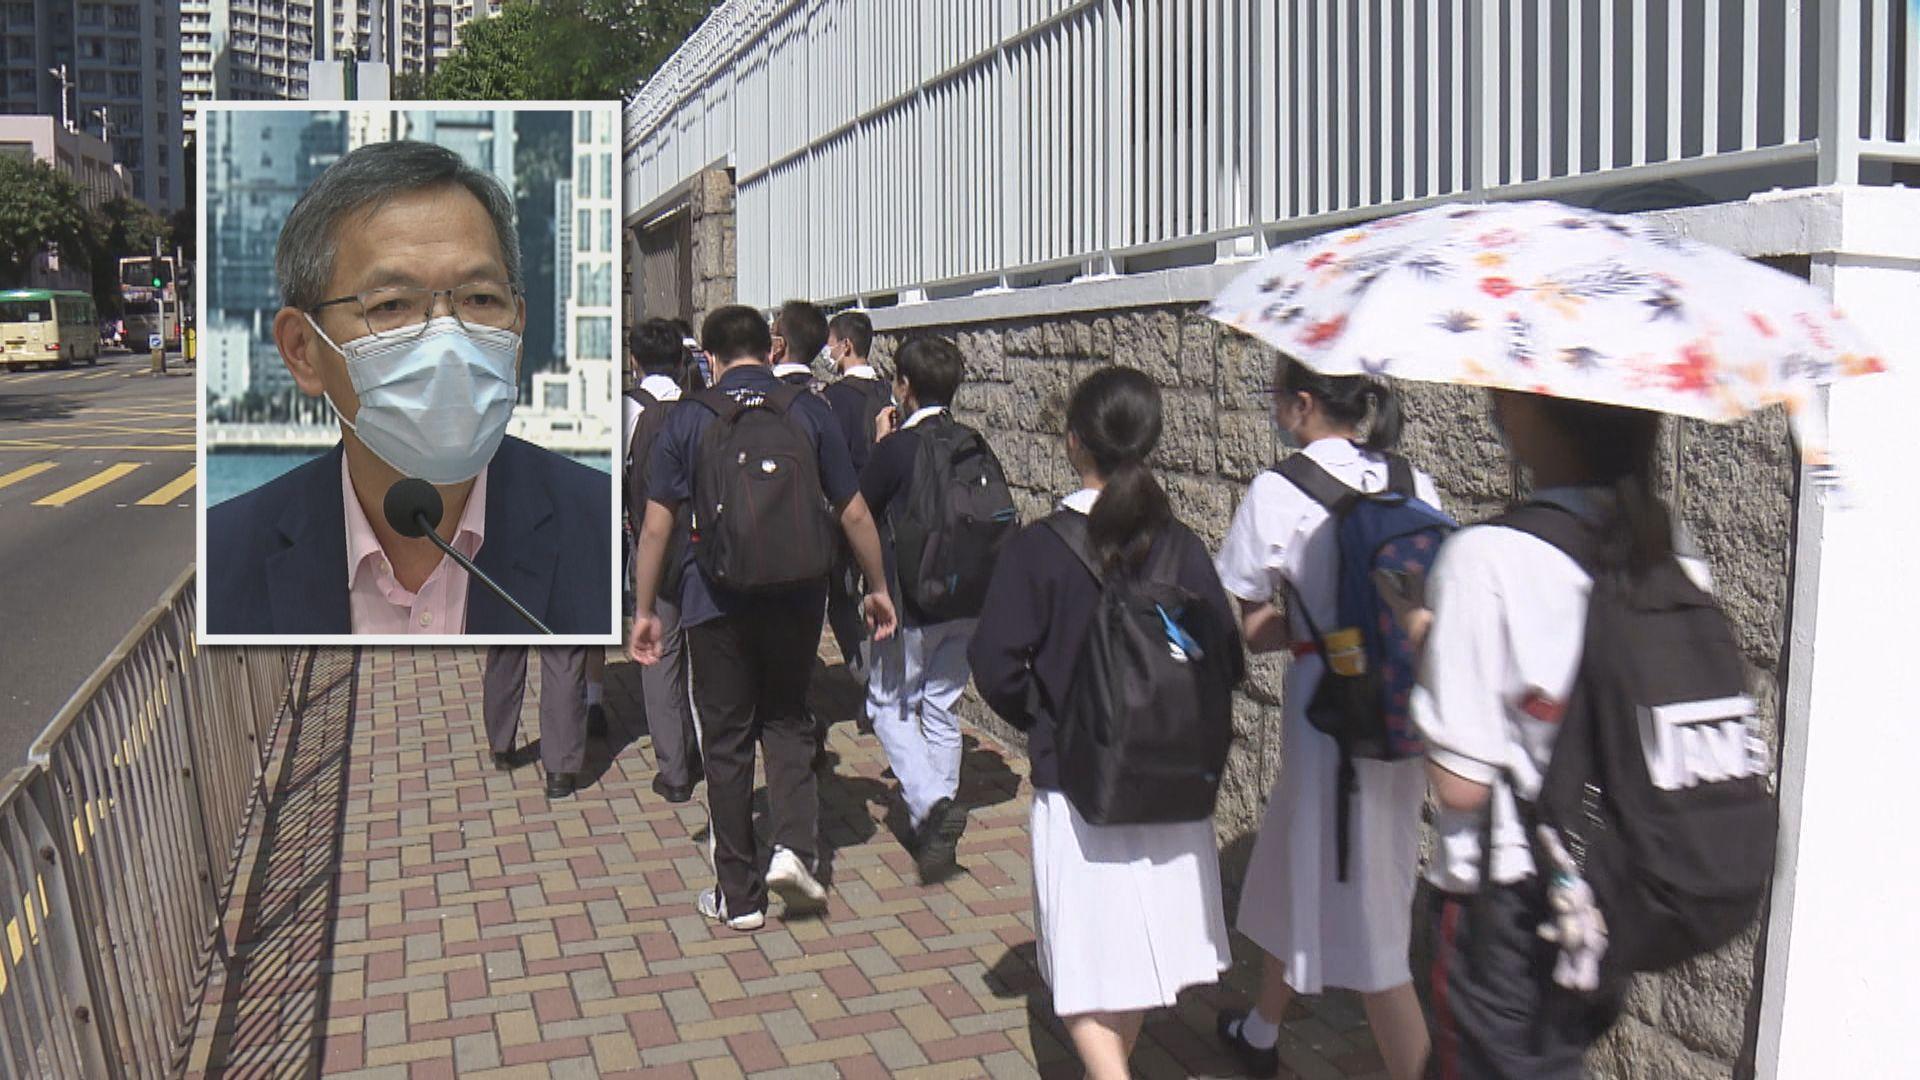 劉澤星:外地研究12至15歲年輕人對新冠疫苗反應良好